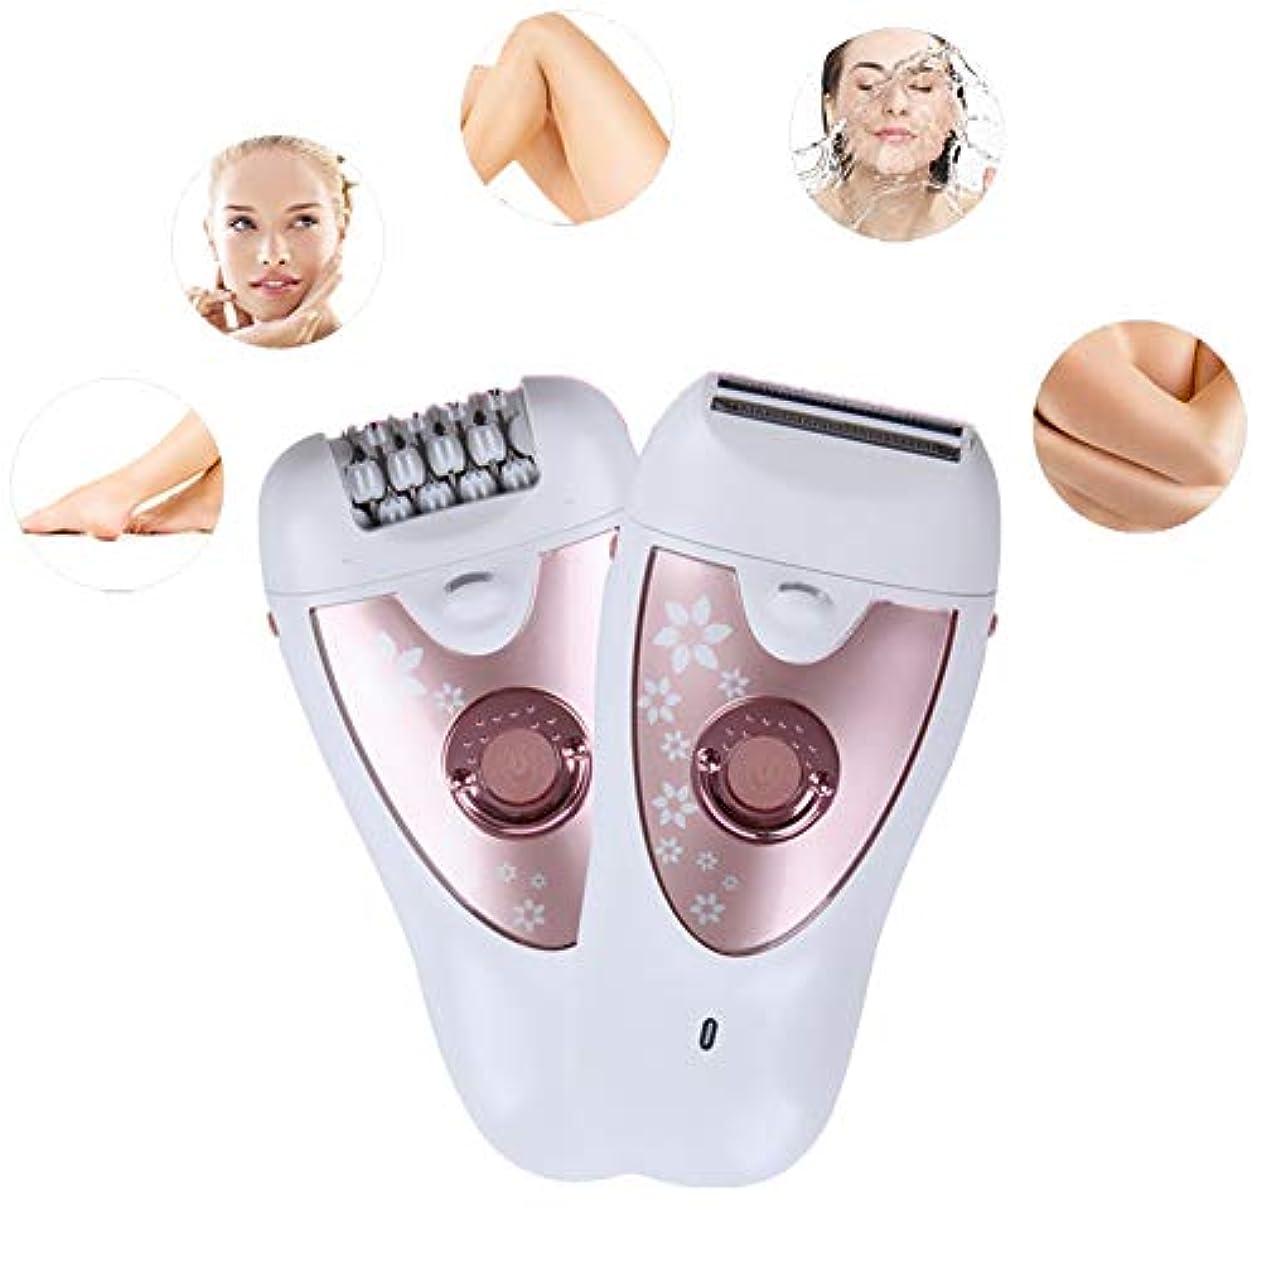 アレイ熱フィールド女性用電気脱毛器、ポータブル充電式2-In-1シェーバー、2本足ビキニ脱毛